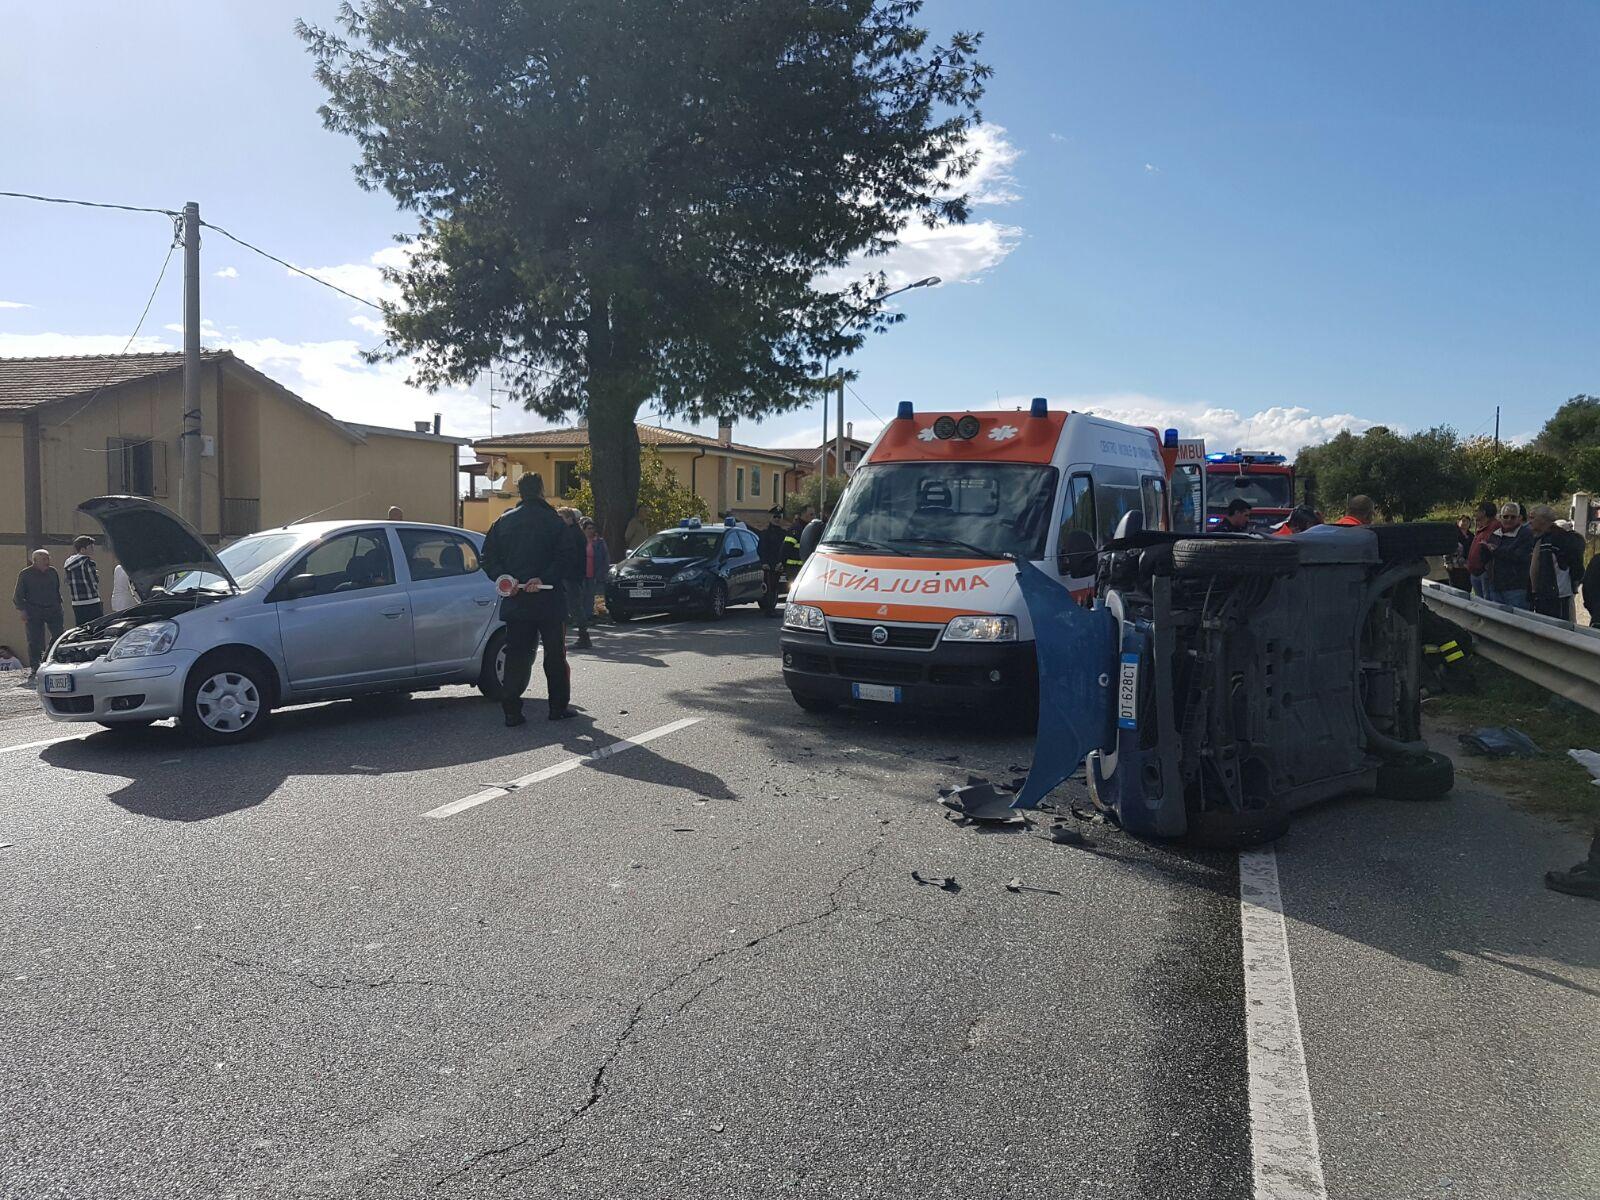 Violento scontro sulla statale 106 nel CatanzareseGiovane di 30 anni soccorso con l'elicottero del 118